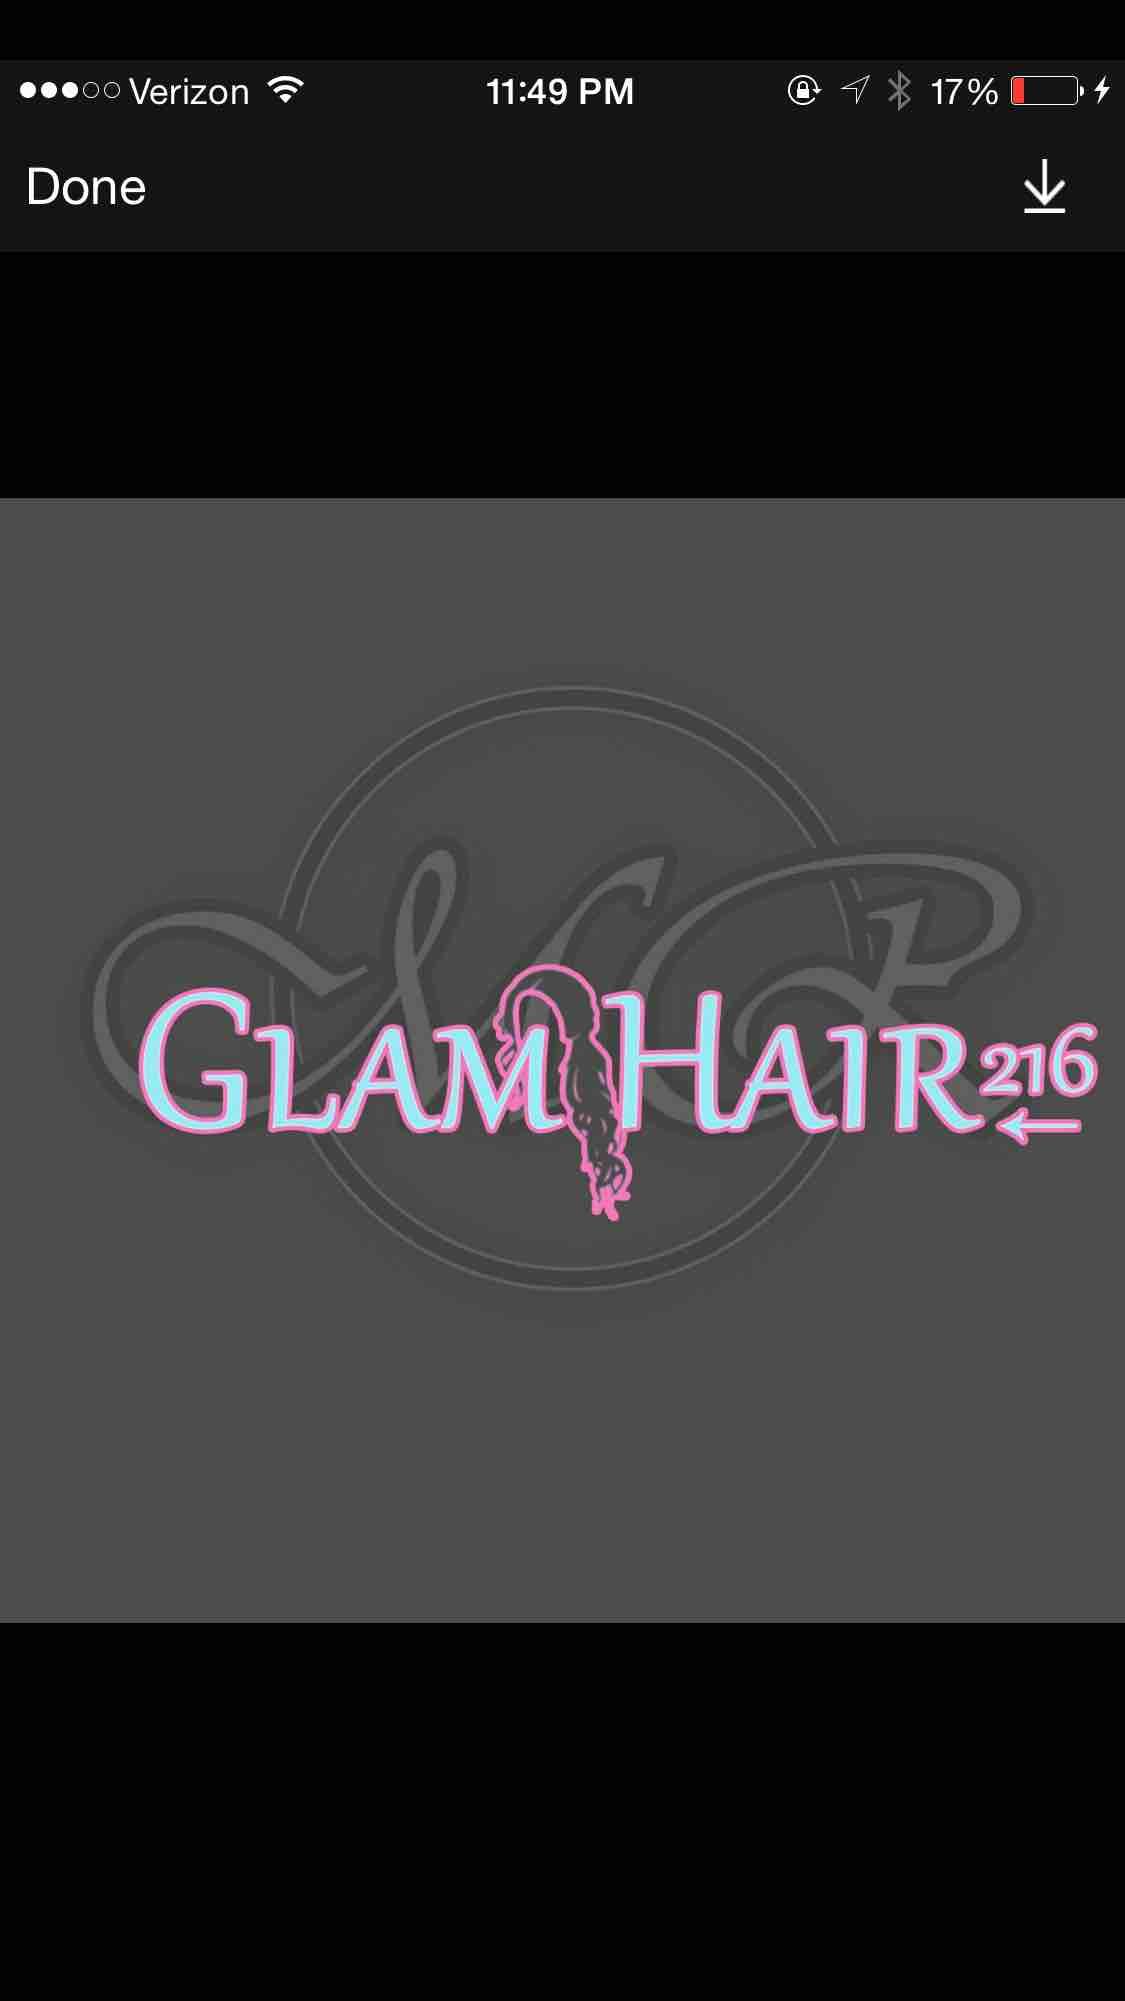 Glam Hair 216